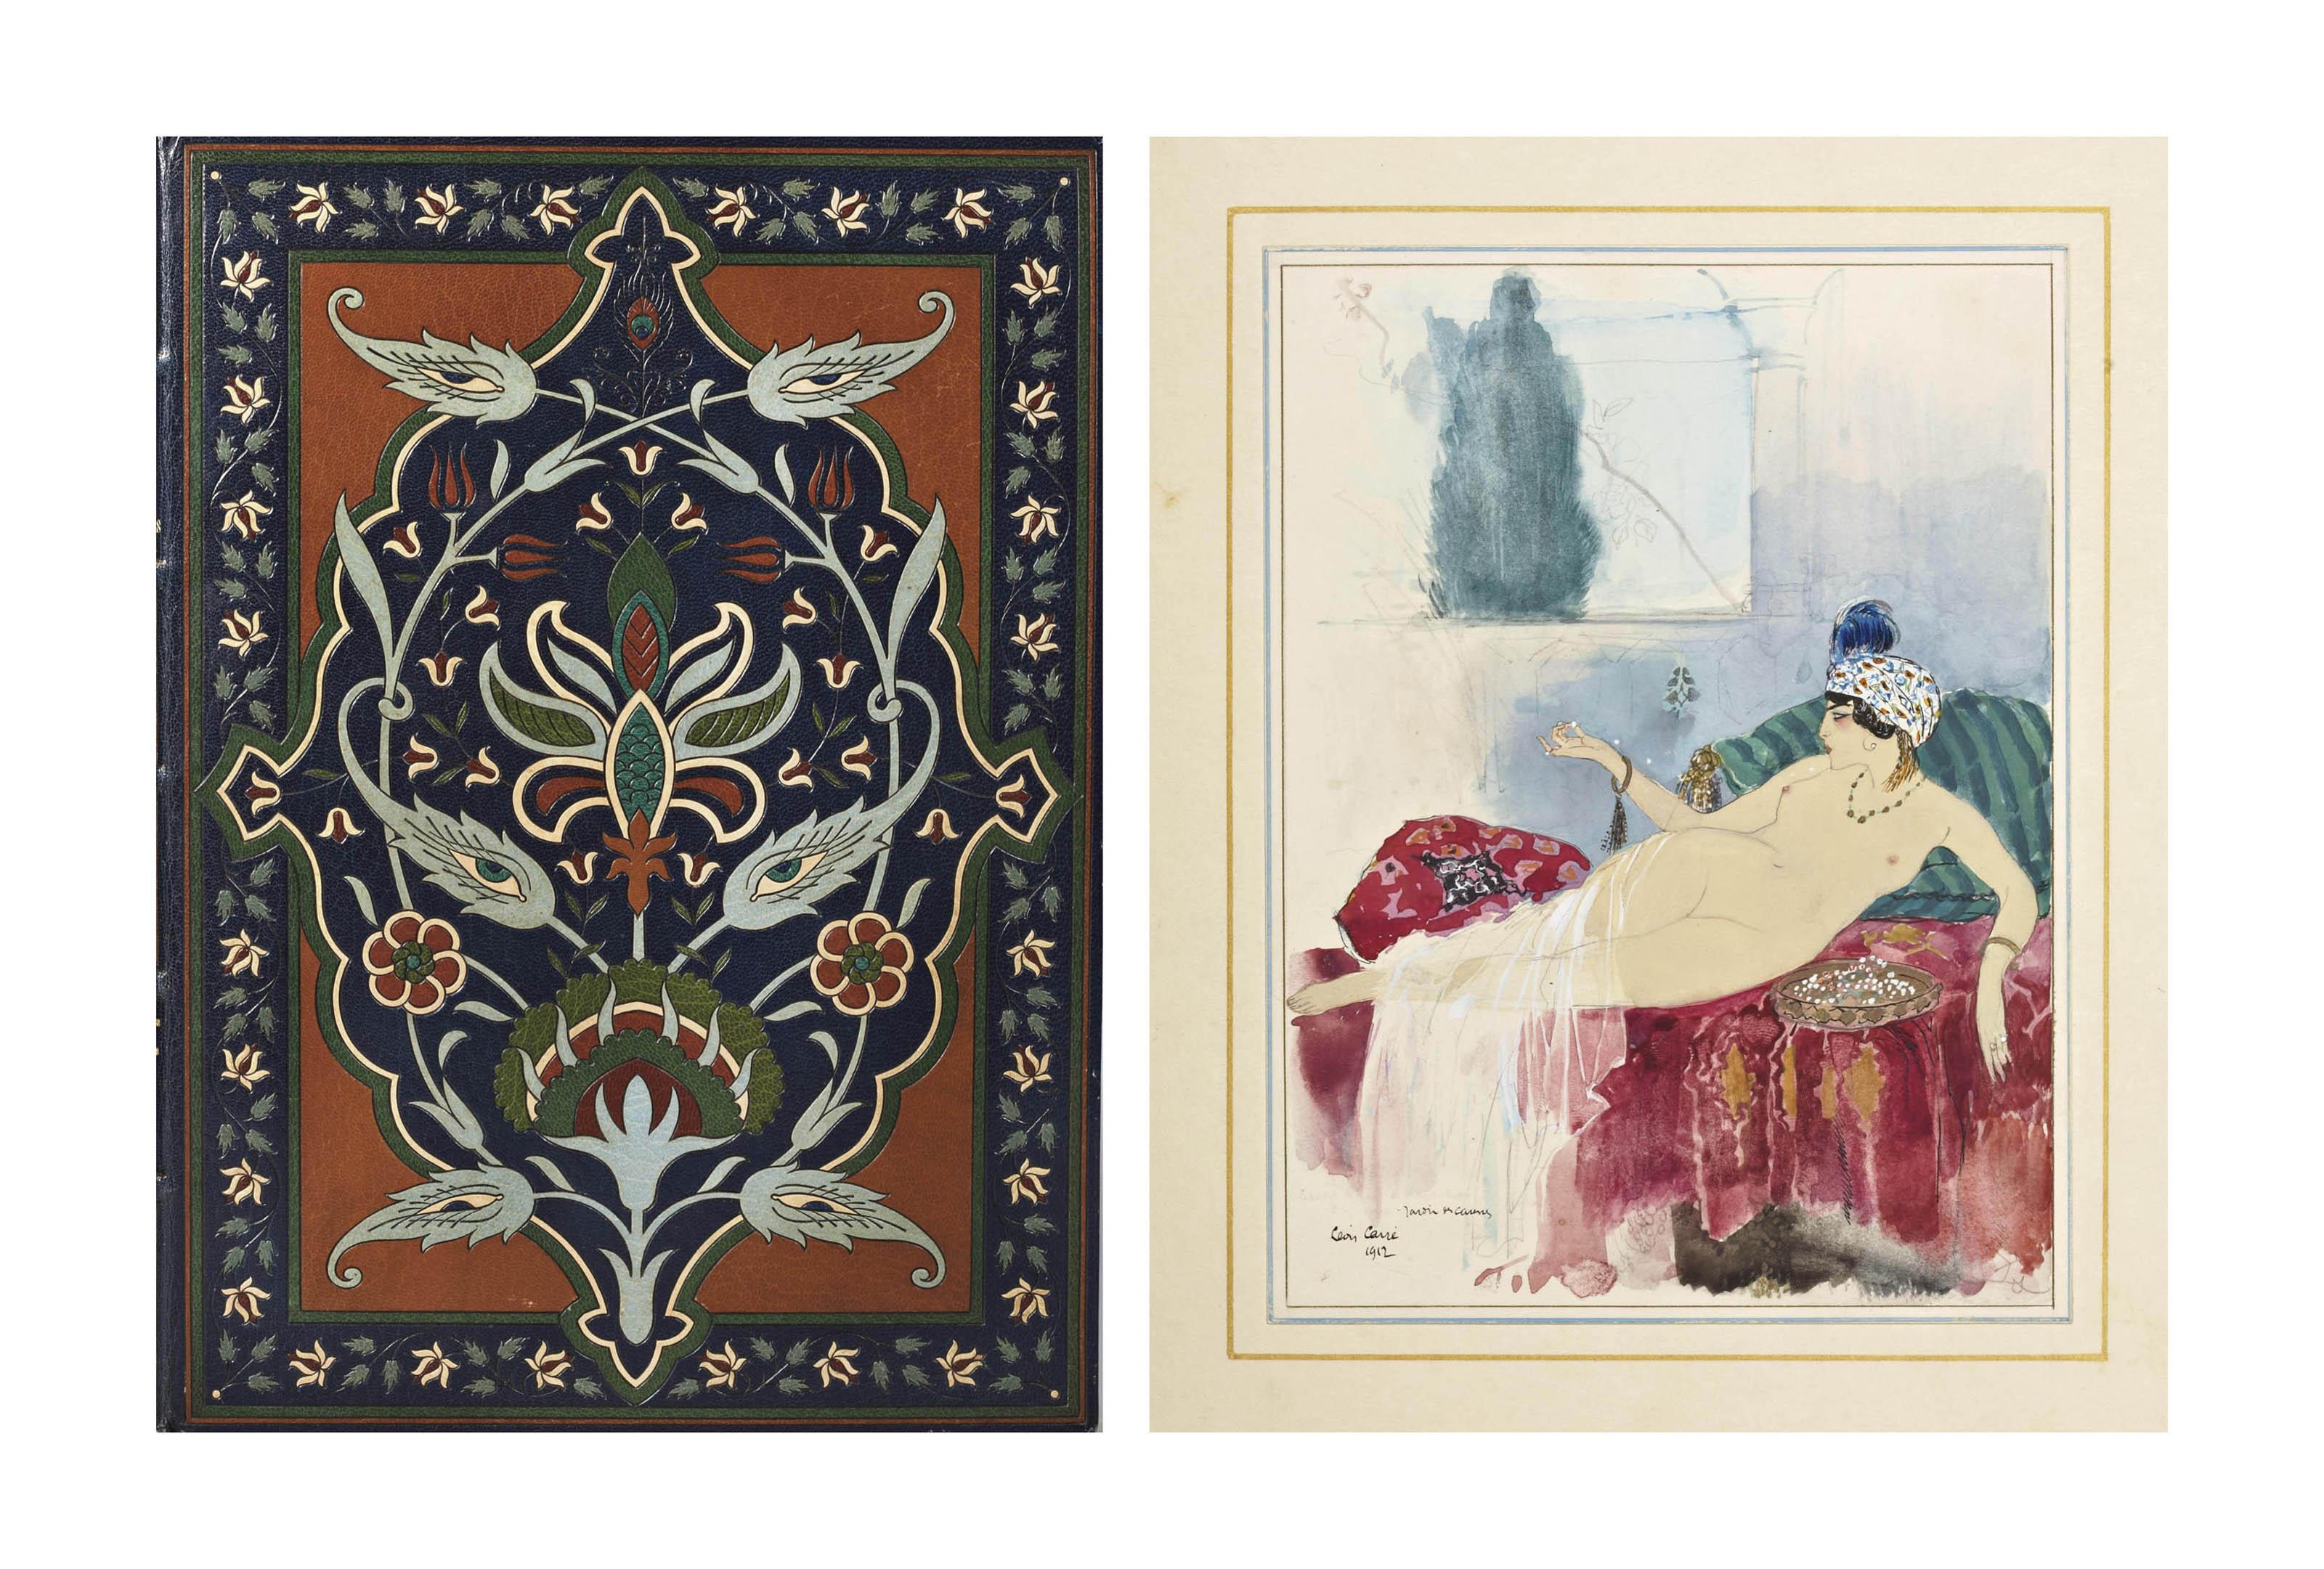 [CARRÉ] -- TOUSSAINT, Franz (1879-1955). Le Jardin des caresses. Traduit de l'arabe. Illustrations de Léon Carré. Paris: G. Kadar pour l'édition d'art H. Piazza, 30 mai 1914.